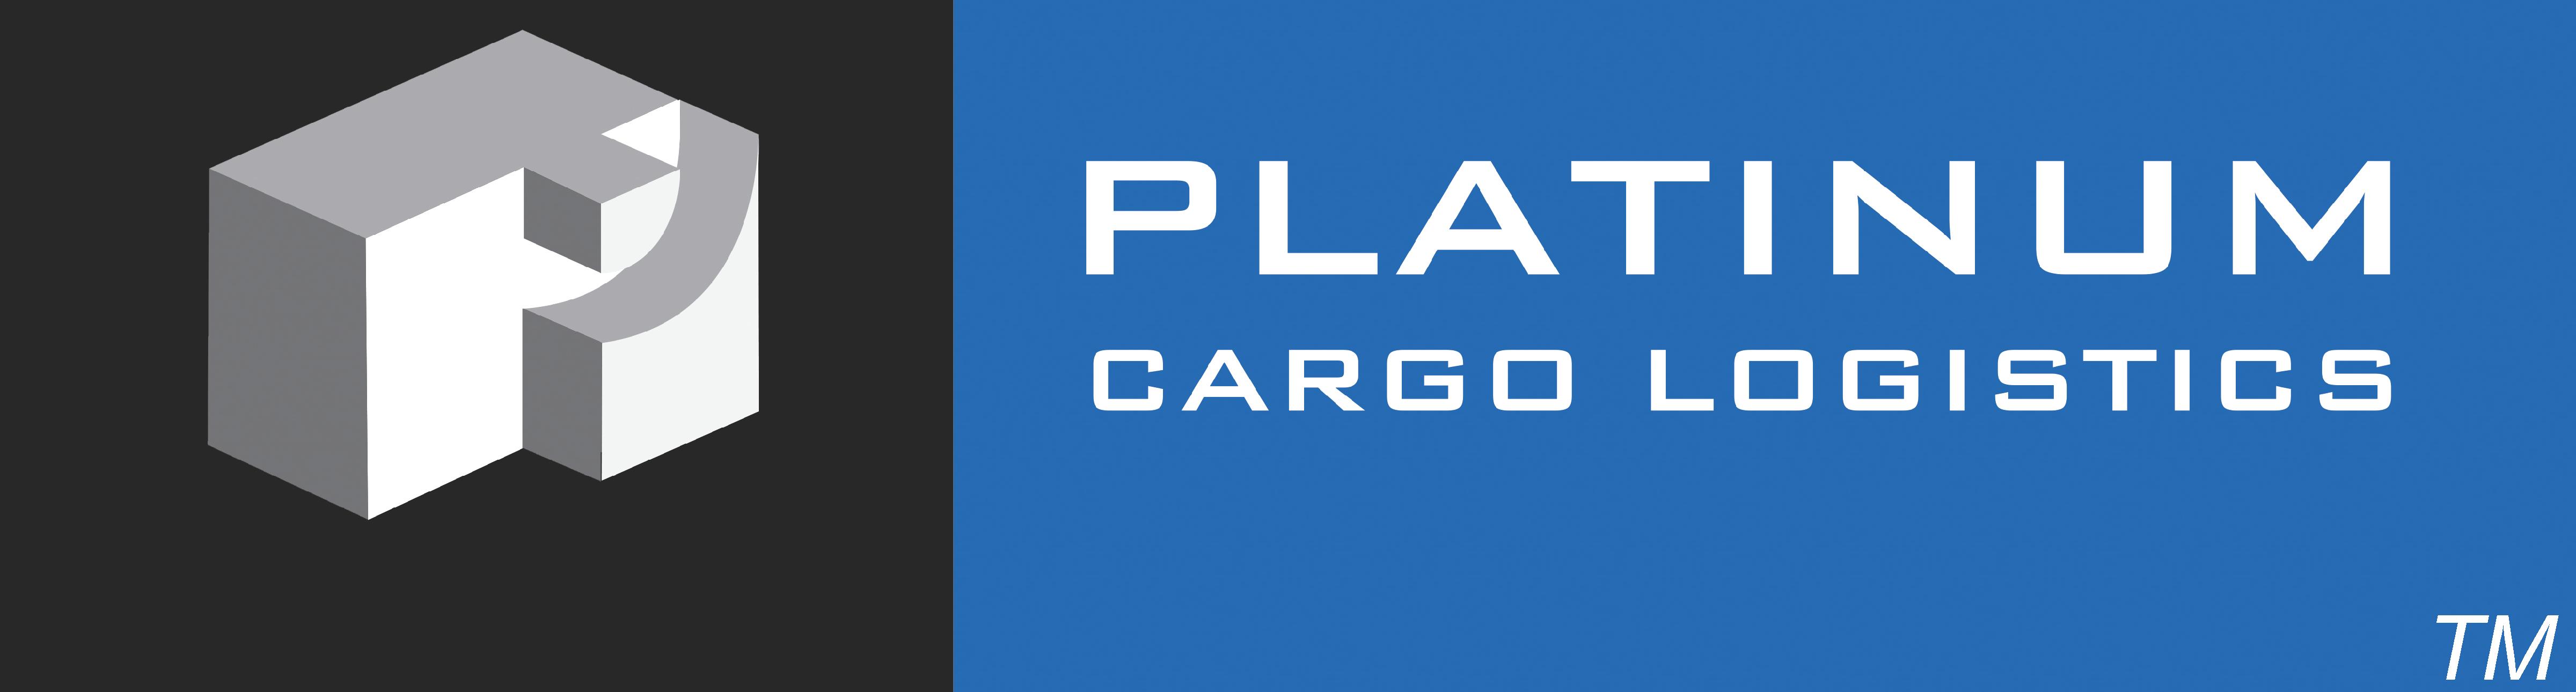 Platinum Cargo Logistics Inc.